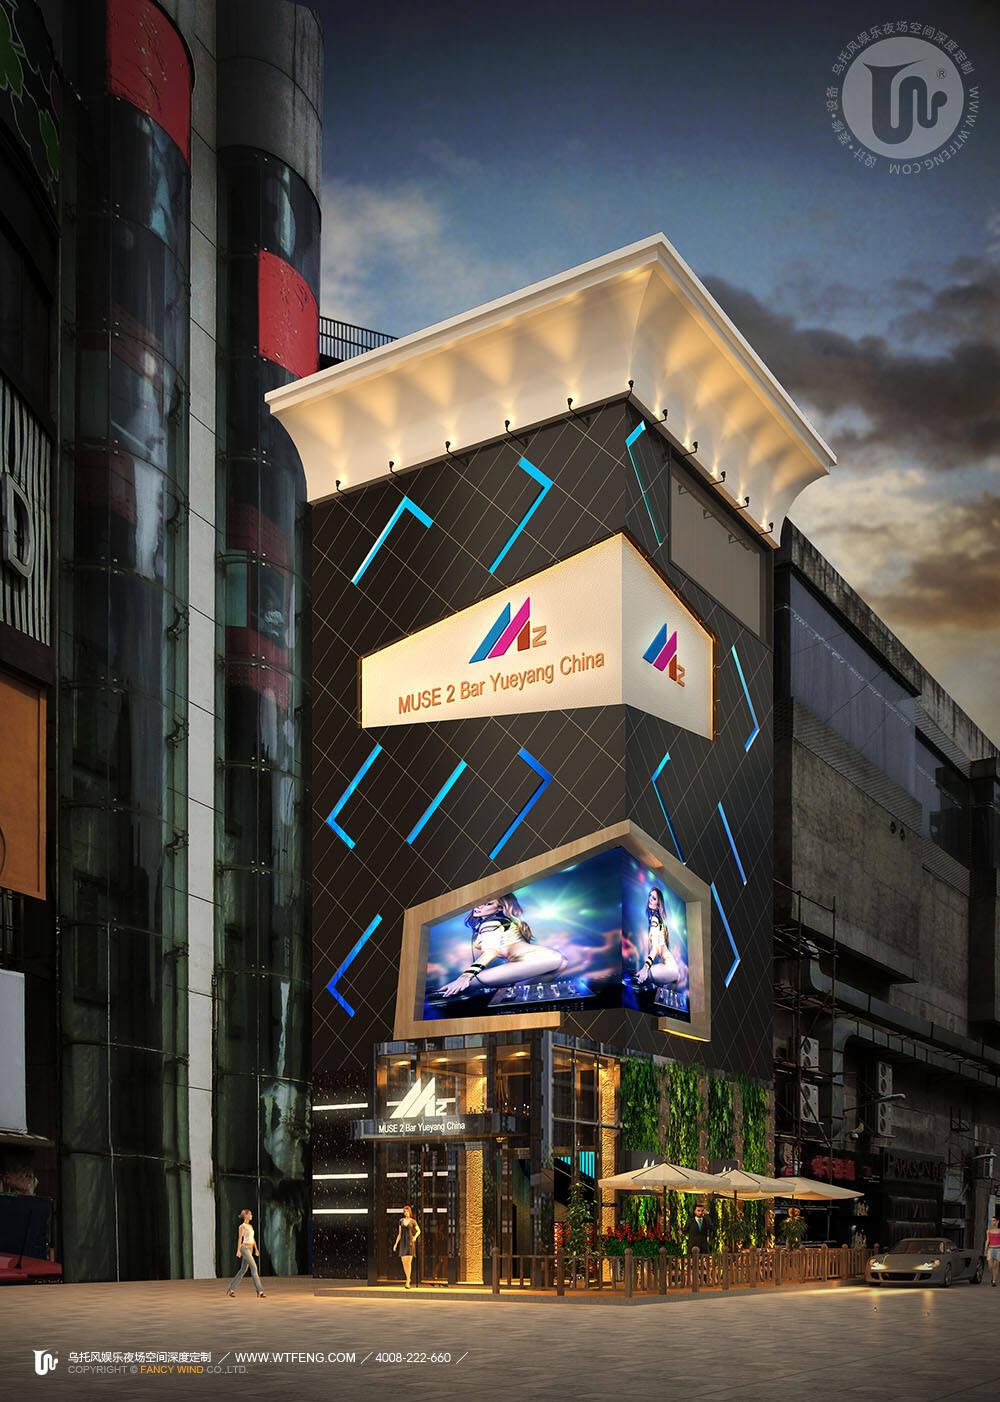 岳阳M2 CLUB 酒吧设计